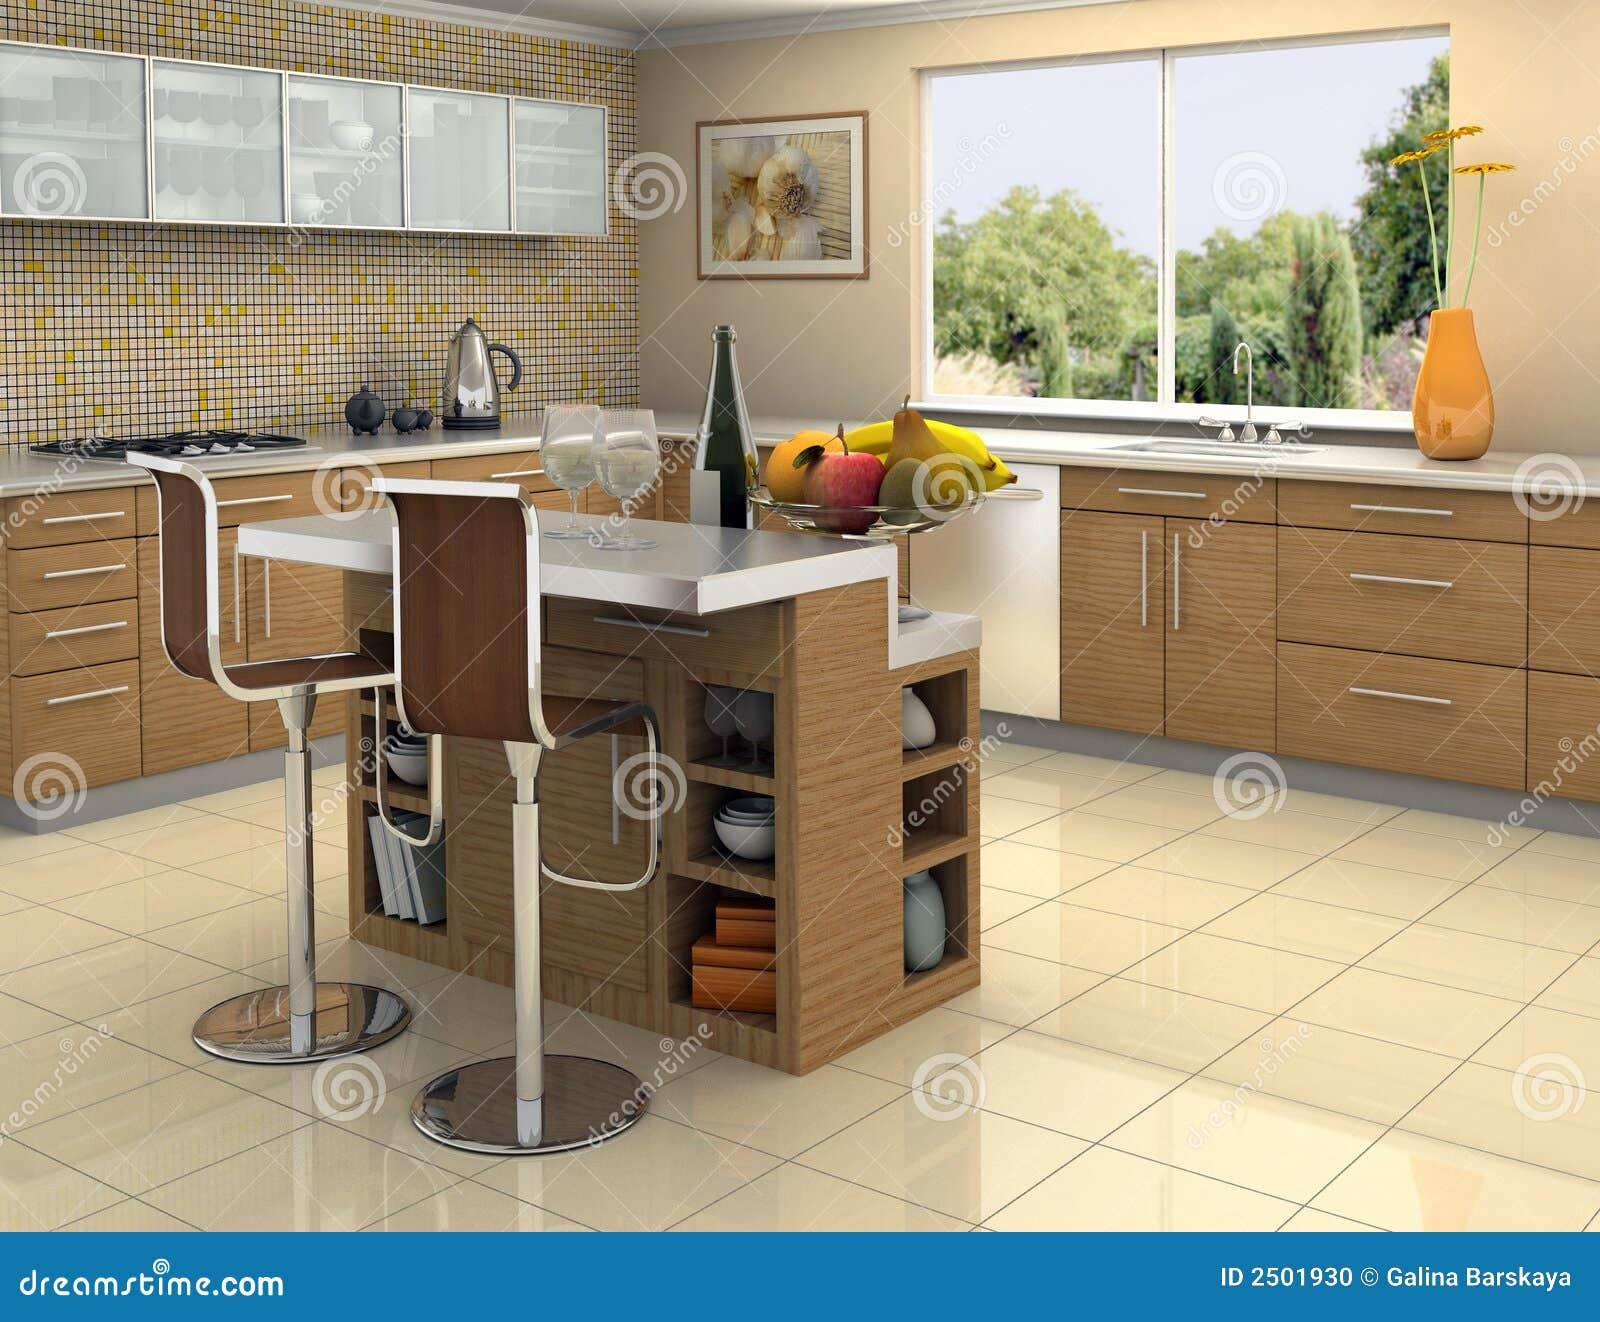 Cocina de madera y de acero foto de archivo imagen 2501930 for Cocinas integrales de madera con isla